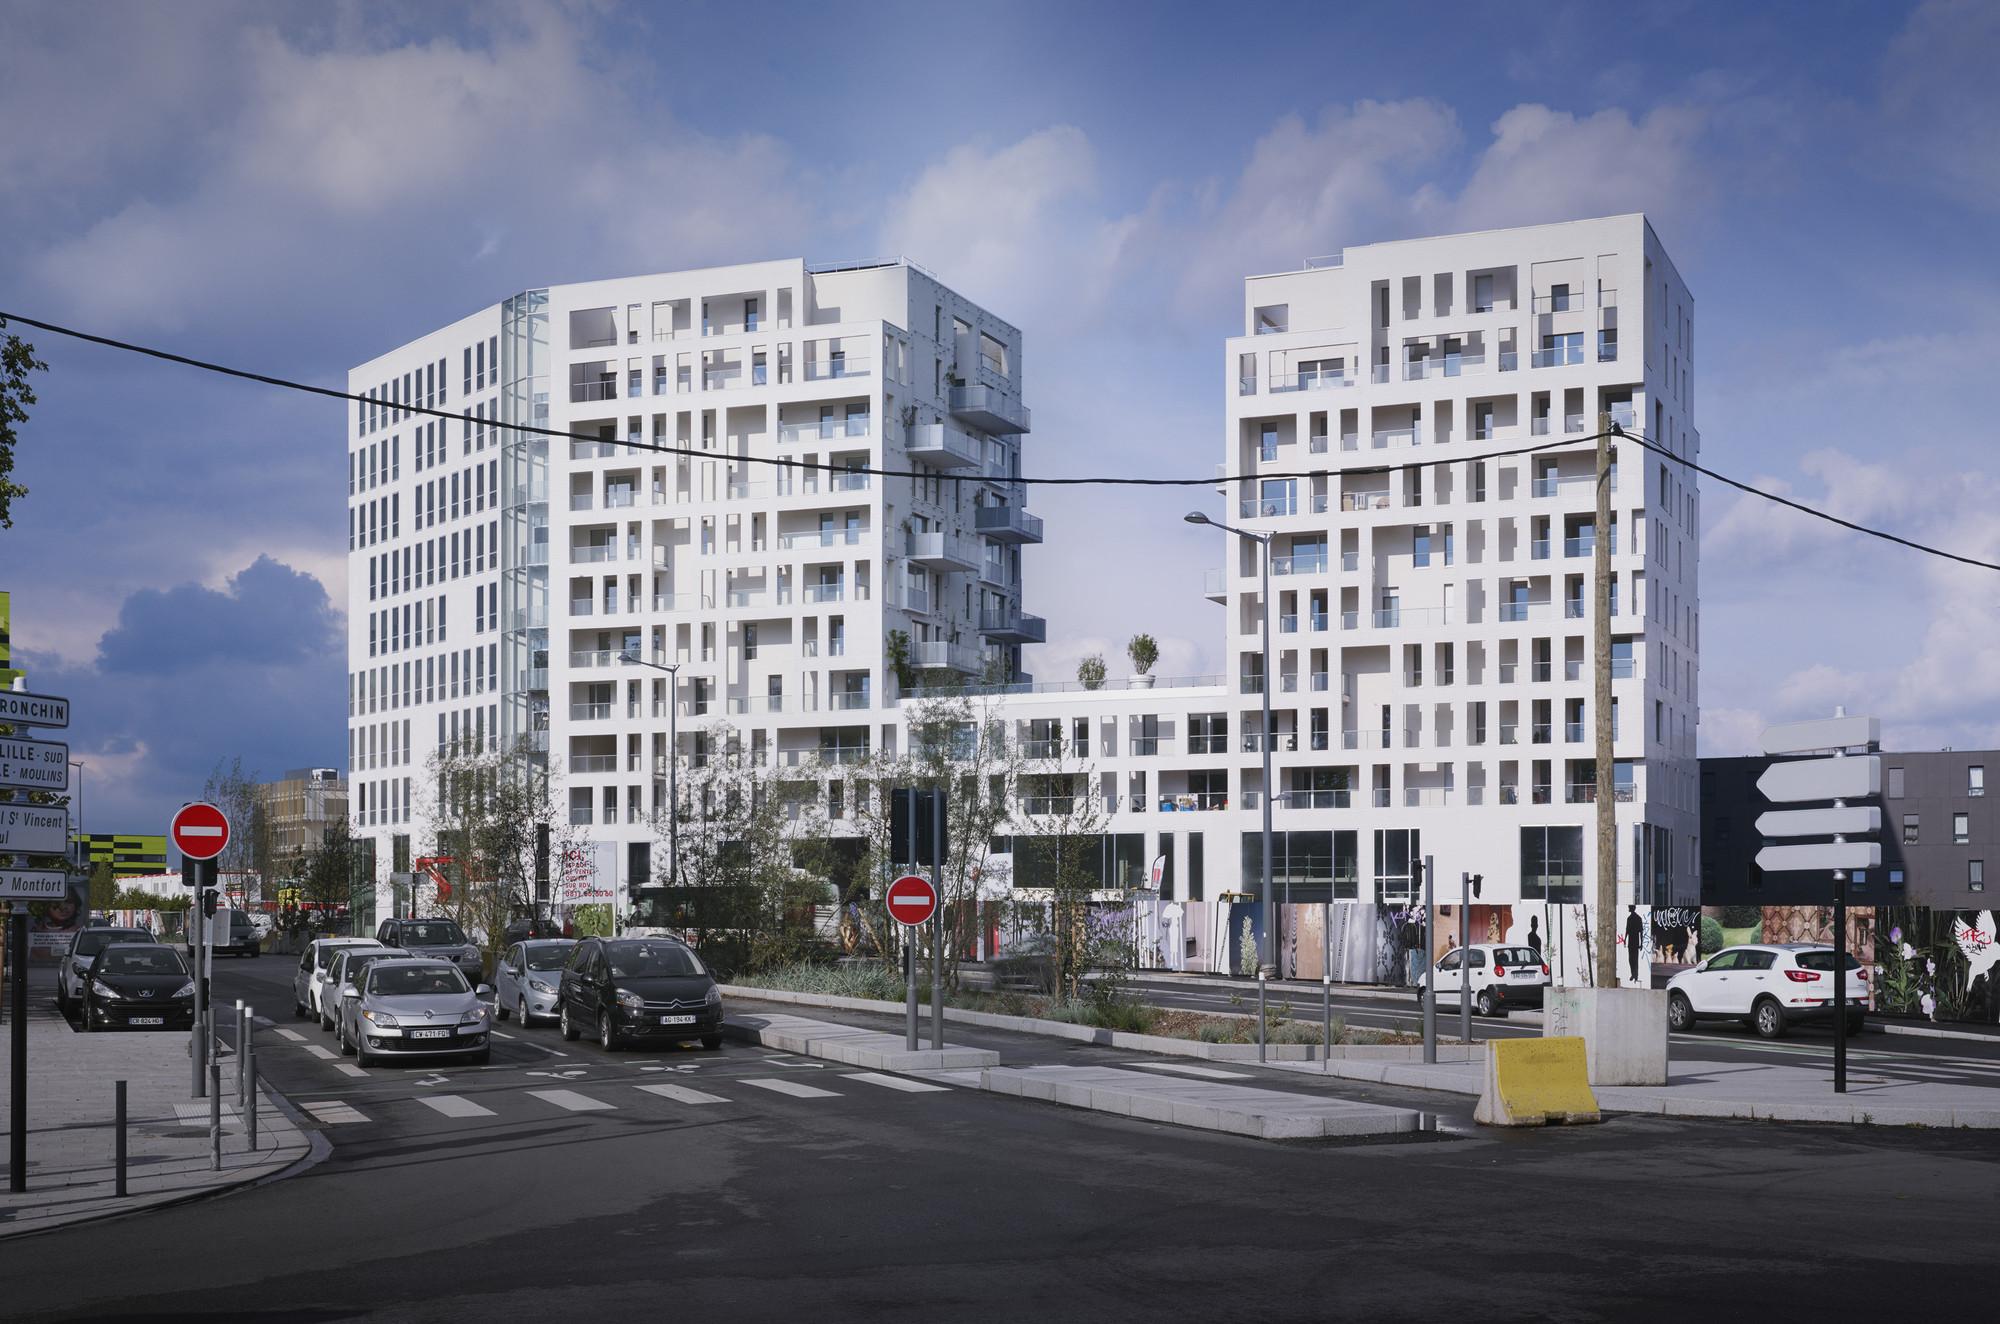 L' Arboretum / Coldefy & Associés Architectes Urbanistes, Courtesy of Coldefy & Associés Architectes Urbanistes